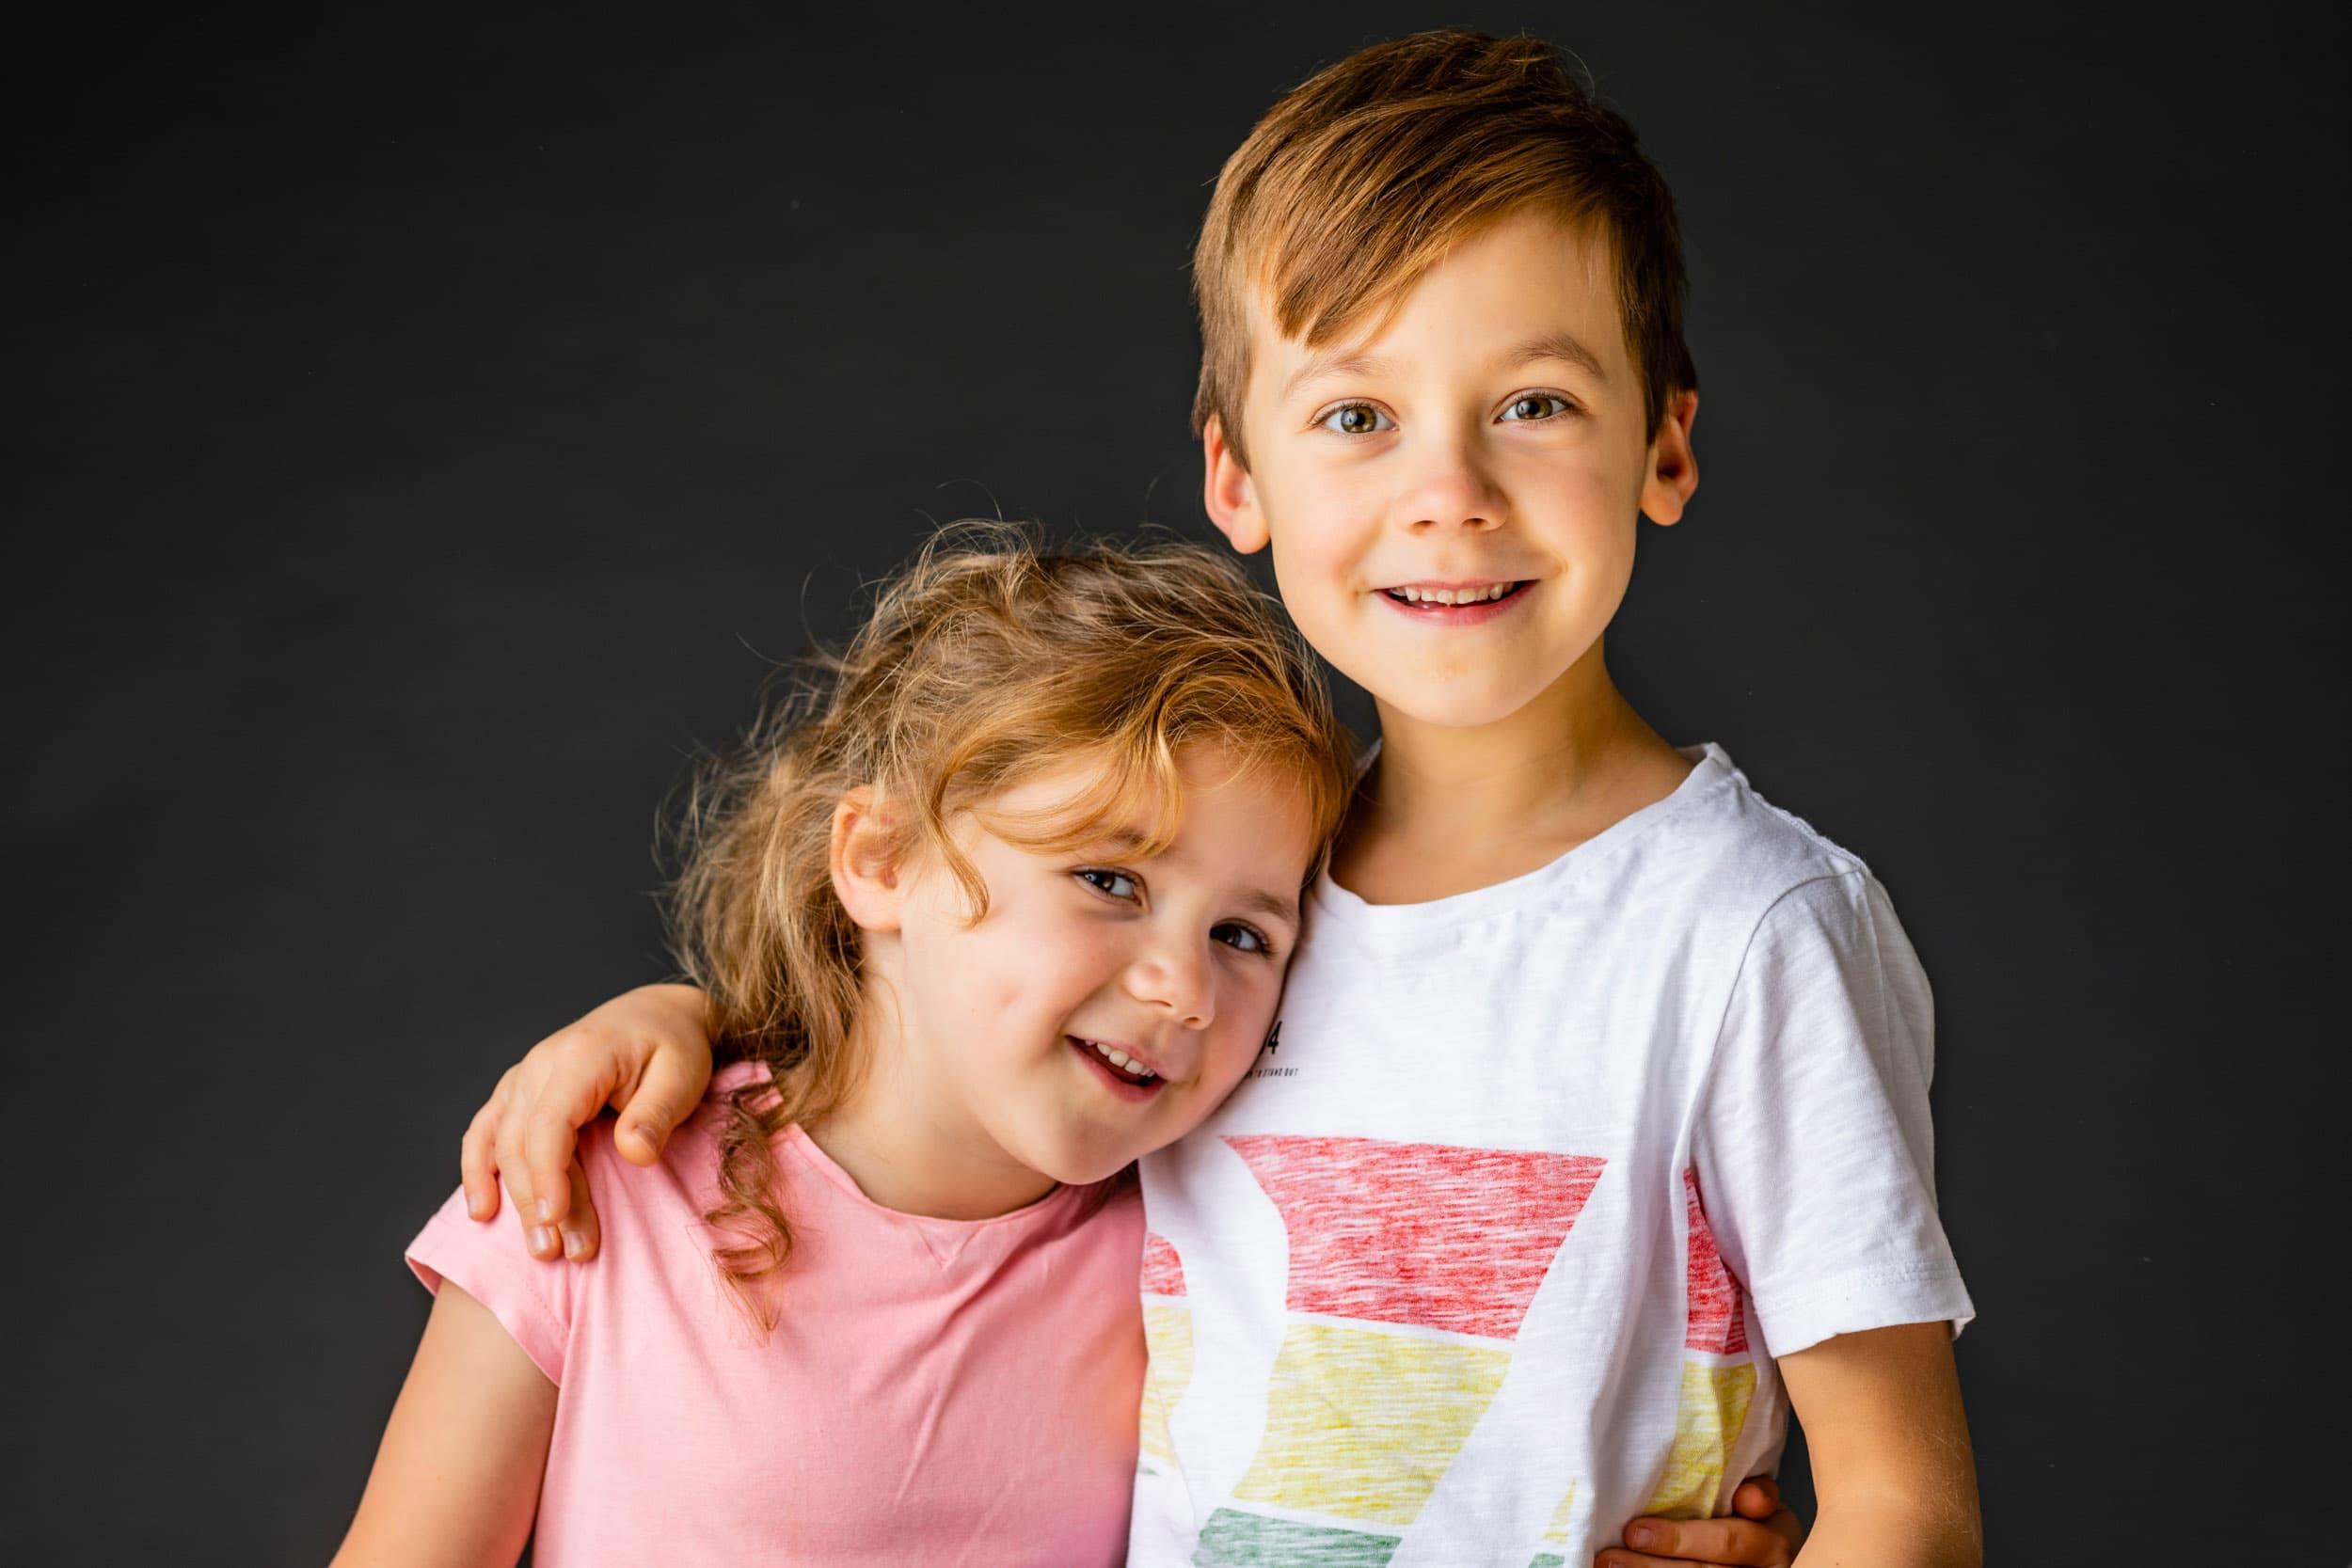 Bror og søster hos fotograf